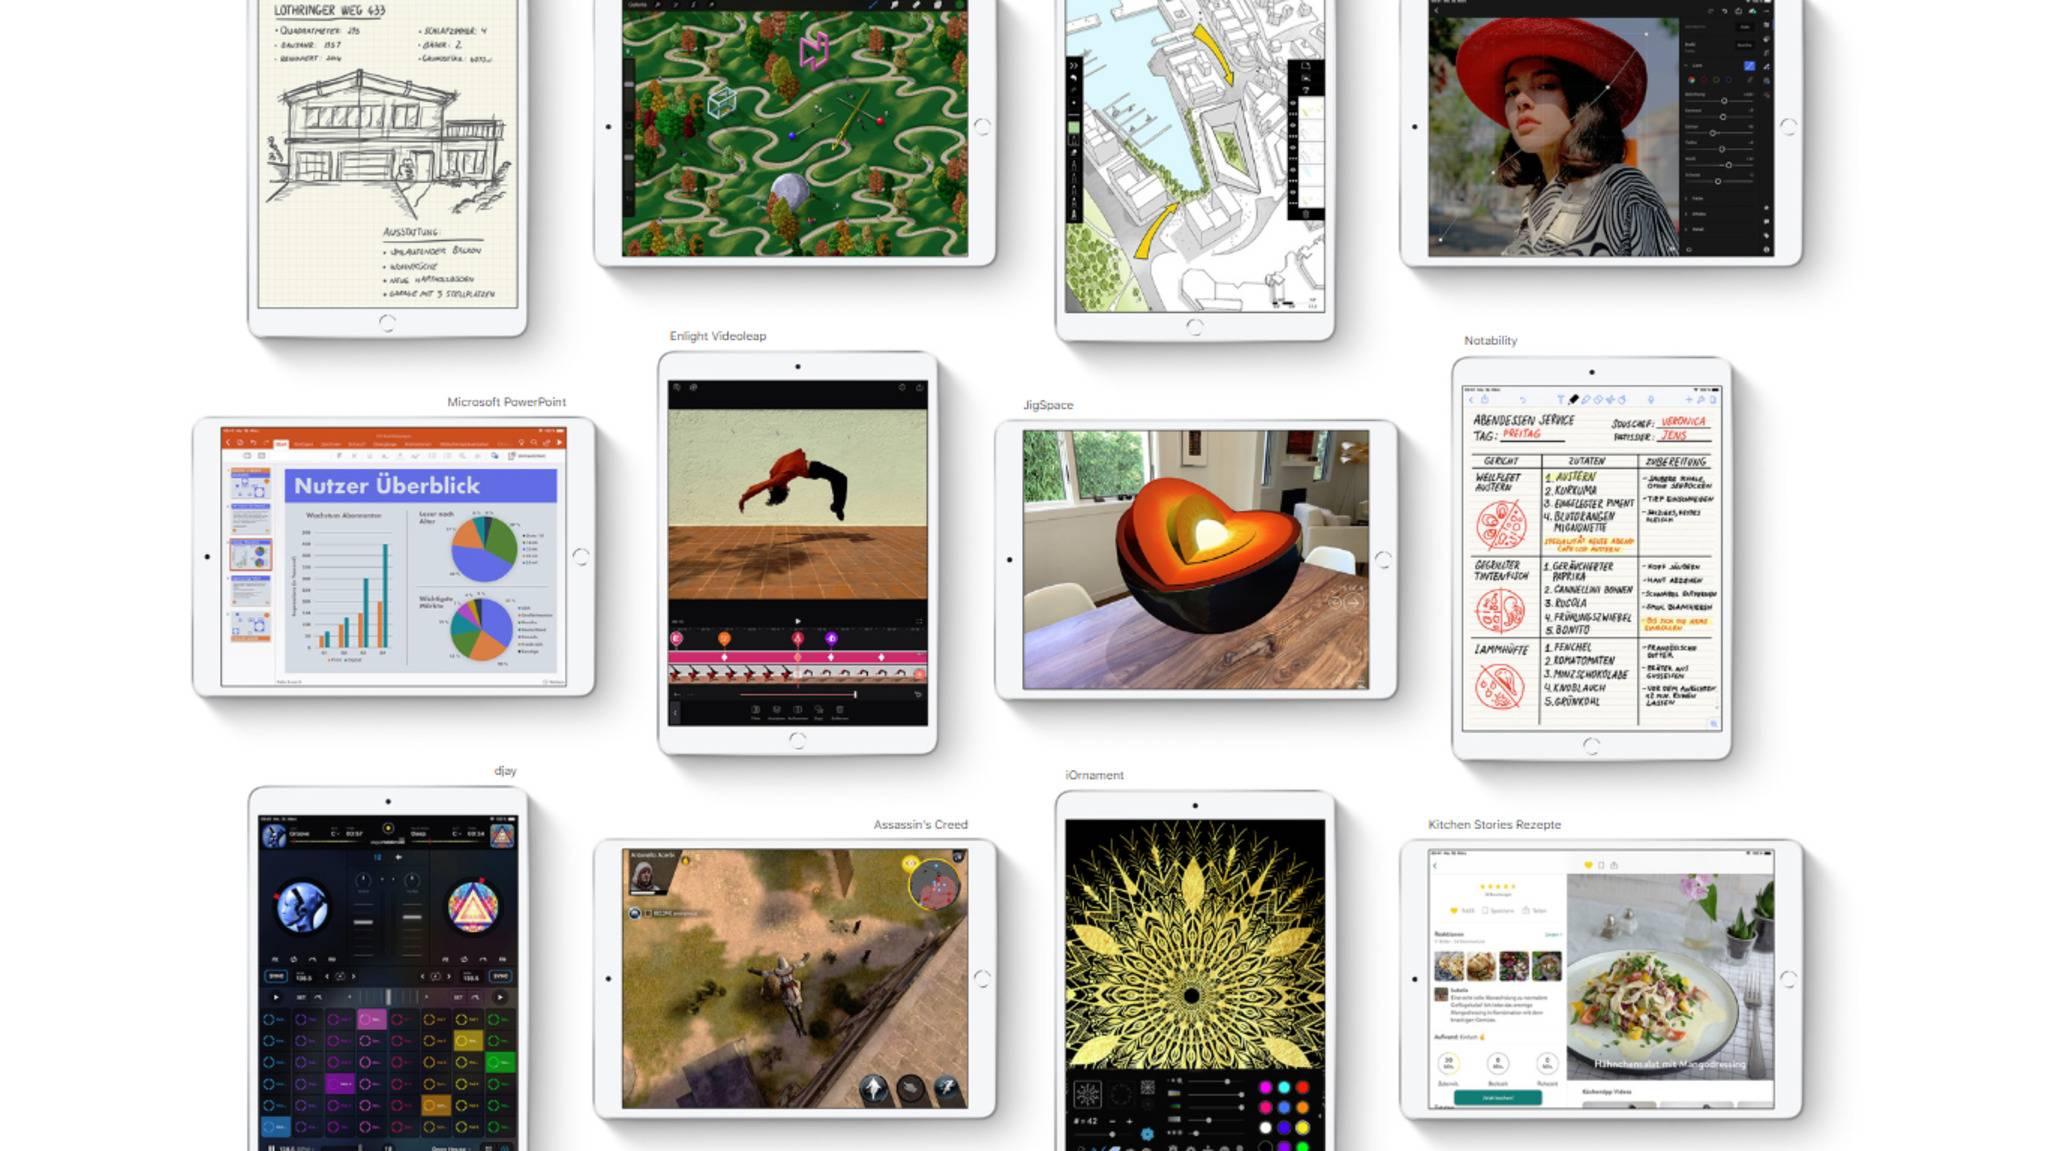 Mit dem iPad Air 3 ist Apples Tablet-Angebot über ein gesundes Maß hinaus gewachsen.